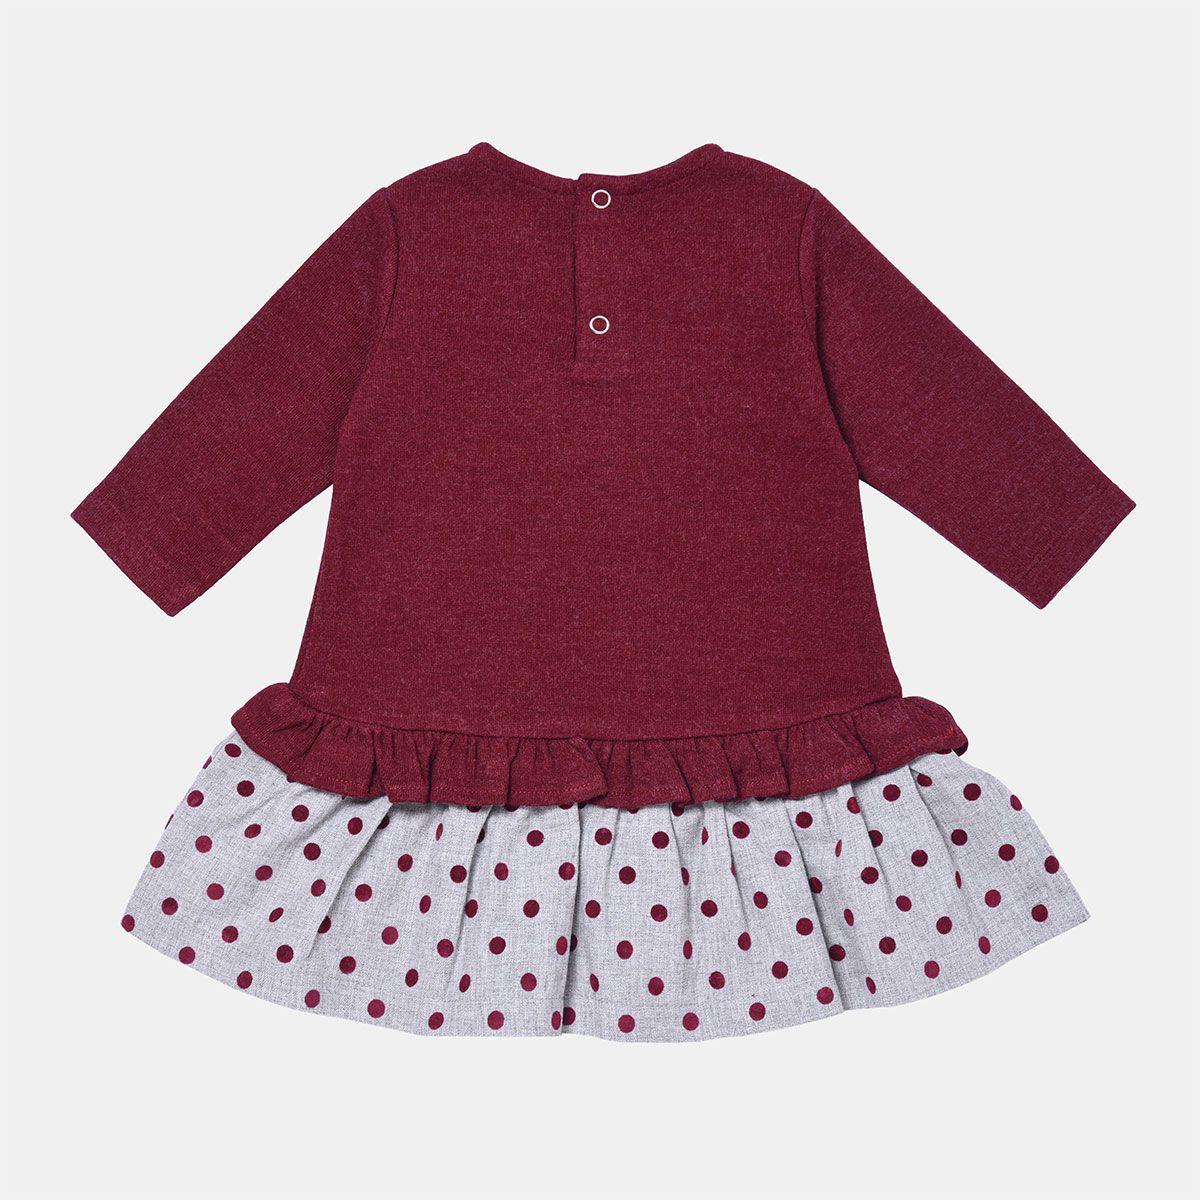 پیراهن دخترانه فیورلا مدل  خرس خالدار  کد 31515 -  - 3